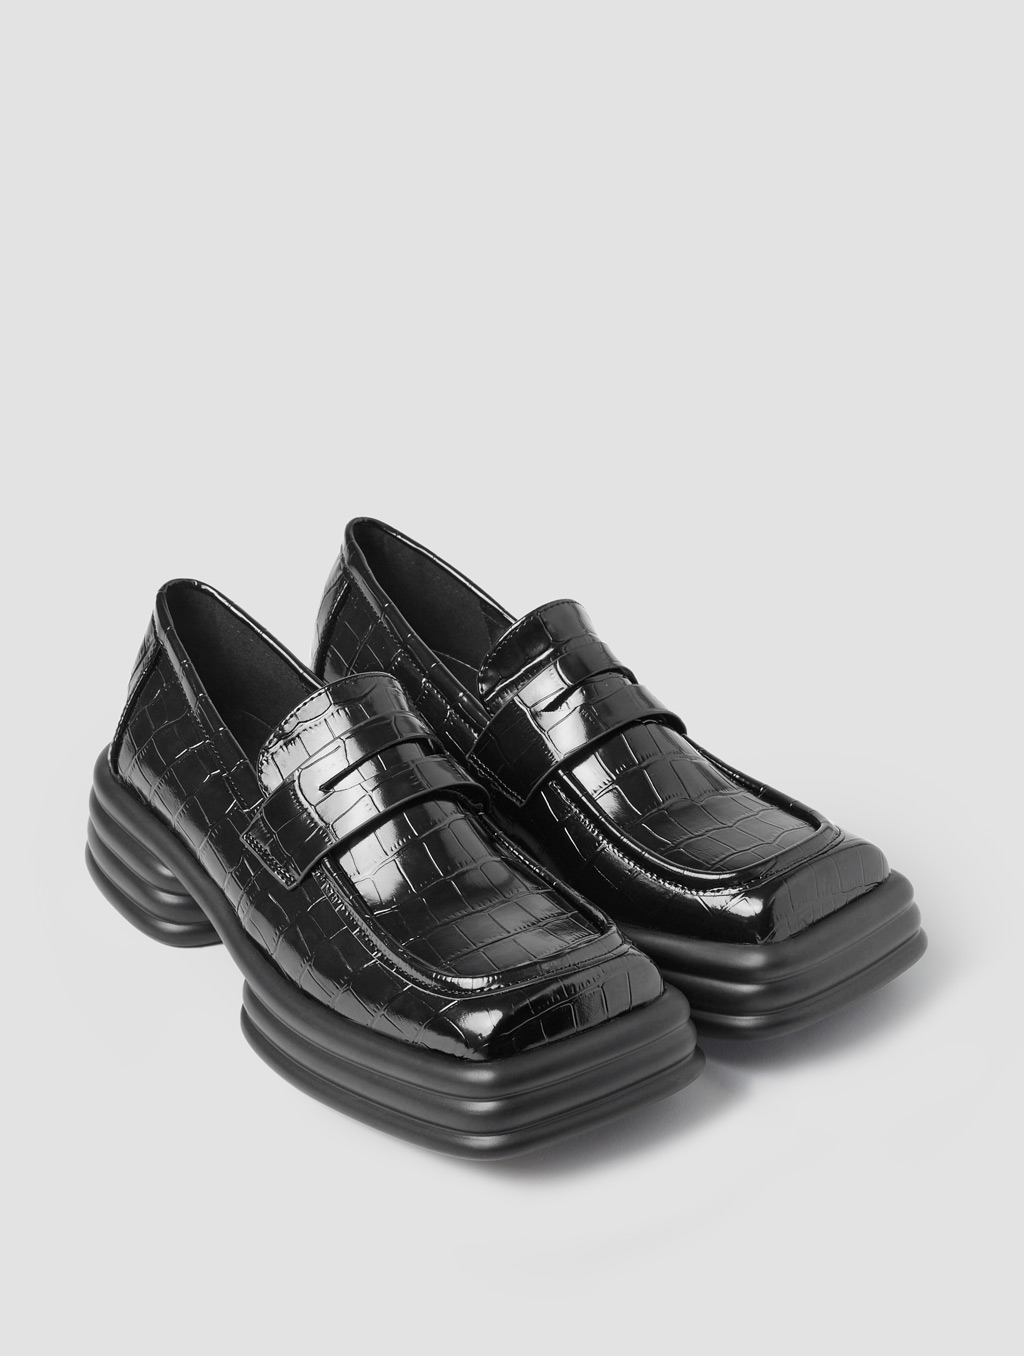 Square Toe Loafers - positive- Crocodile-print Black1